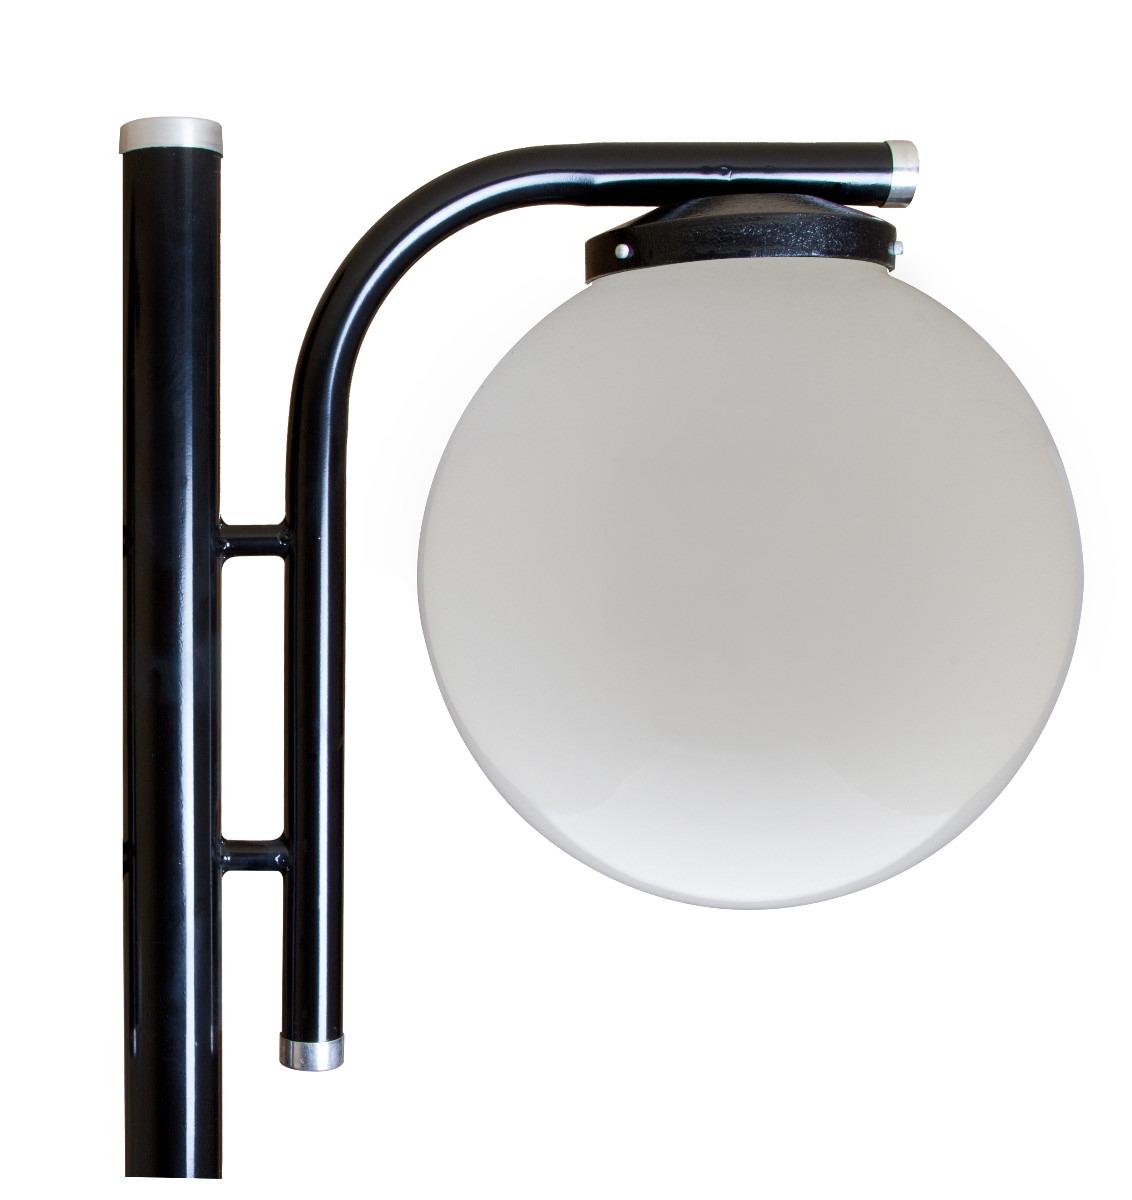 iluminacao de jardim tipos : iluminacao de jardim tipos:Poste De Iluminação Para Jardim P/ 2 Lampadas Com 2,5 Metros – R$